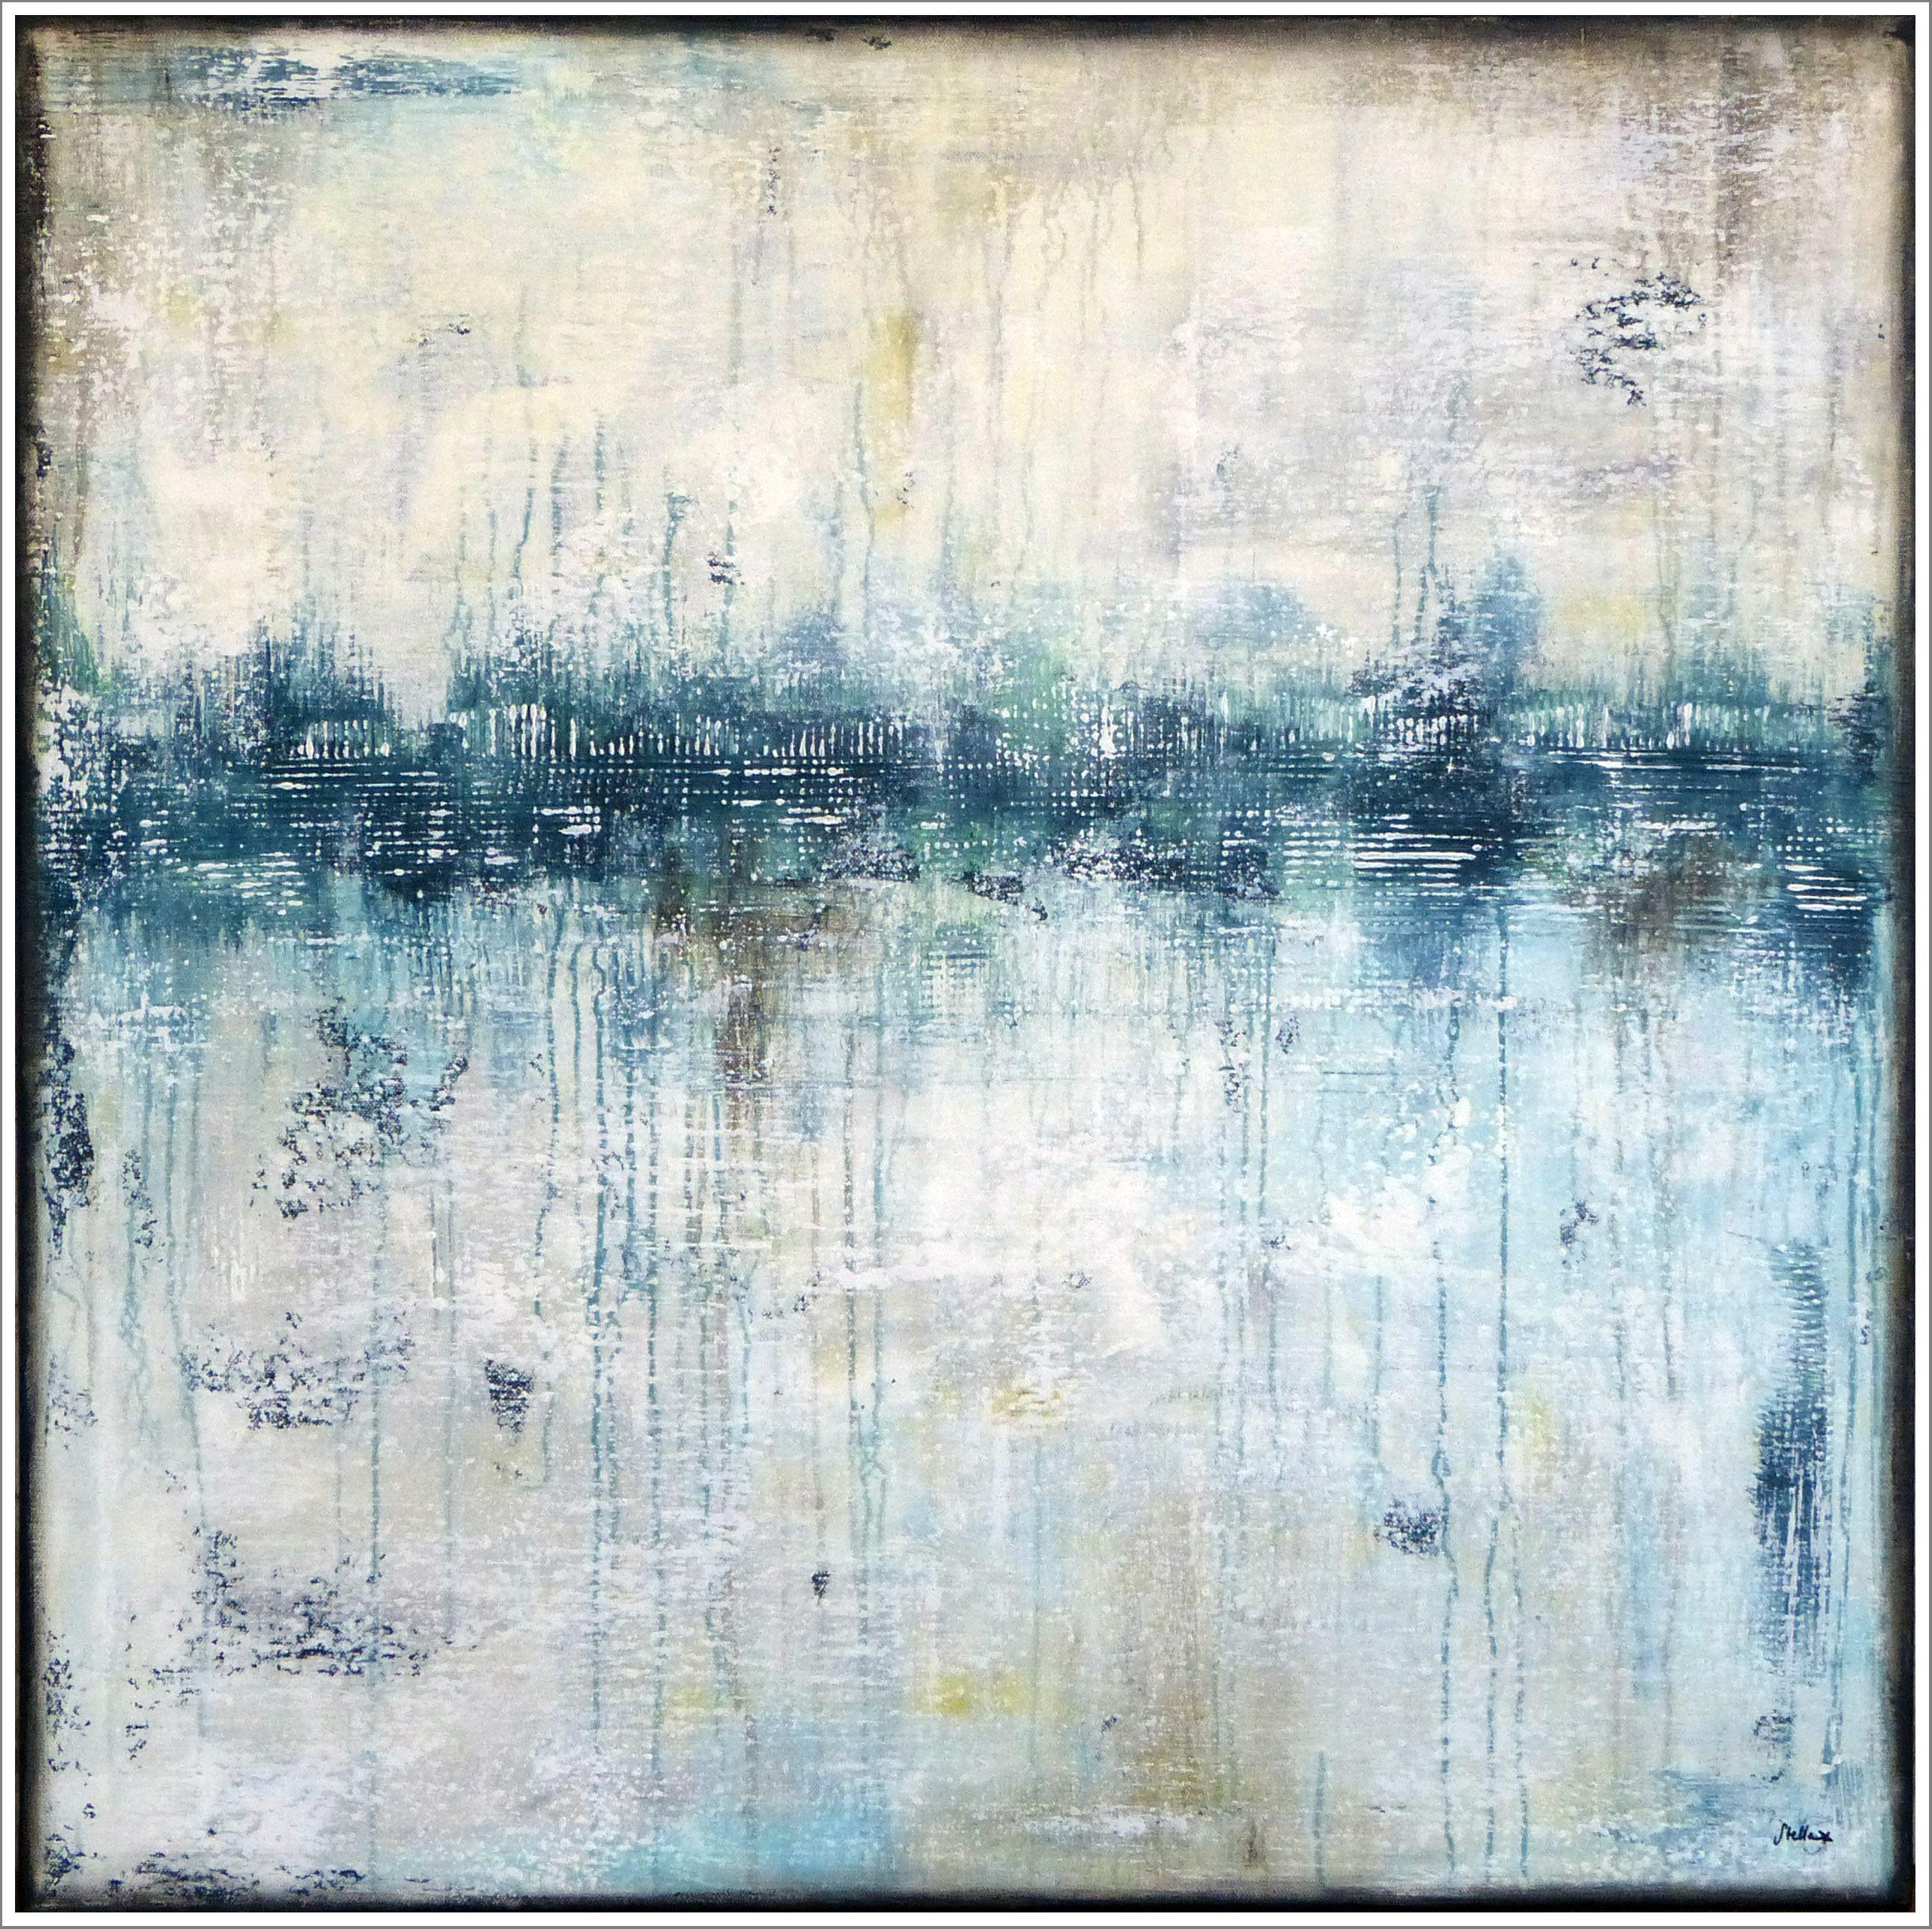 stella hettner kunst abstrakt acryl original malerei gemalde handgemalt abstract painting modern xl acrylmalerei kunstproduktion abstrakte galerie gesicht